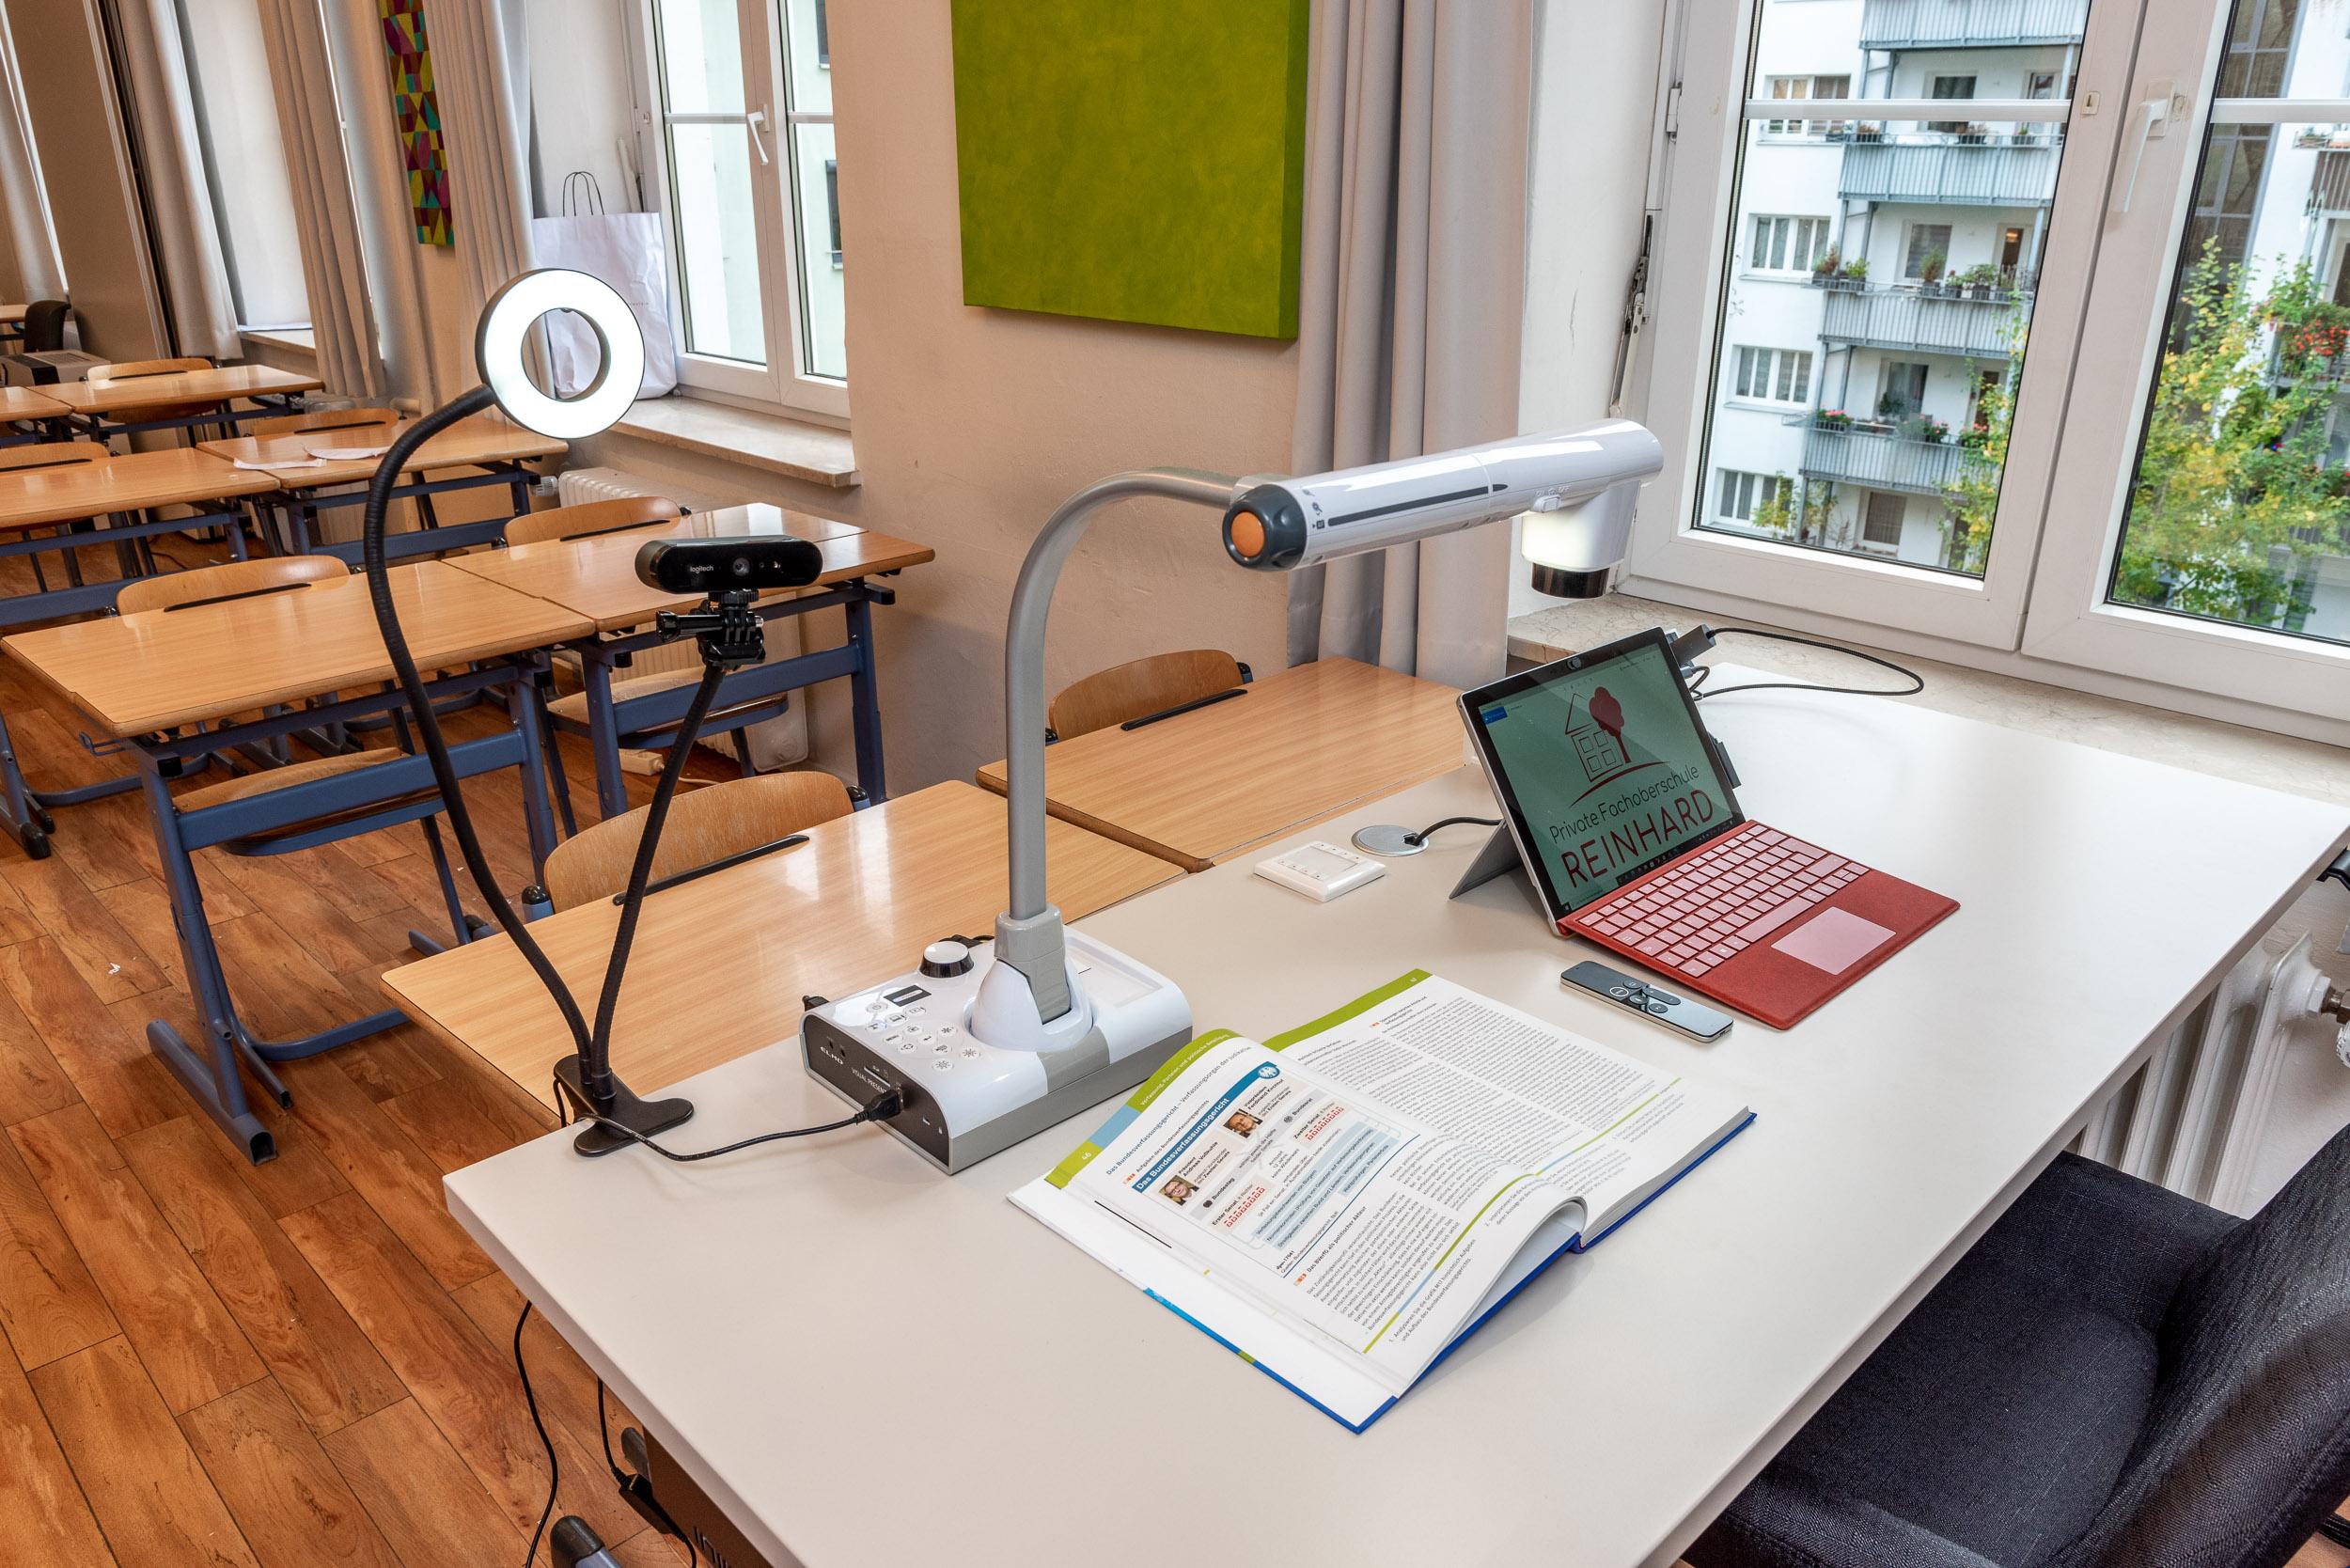 Technische Ausstattung im Klassenzimmer